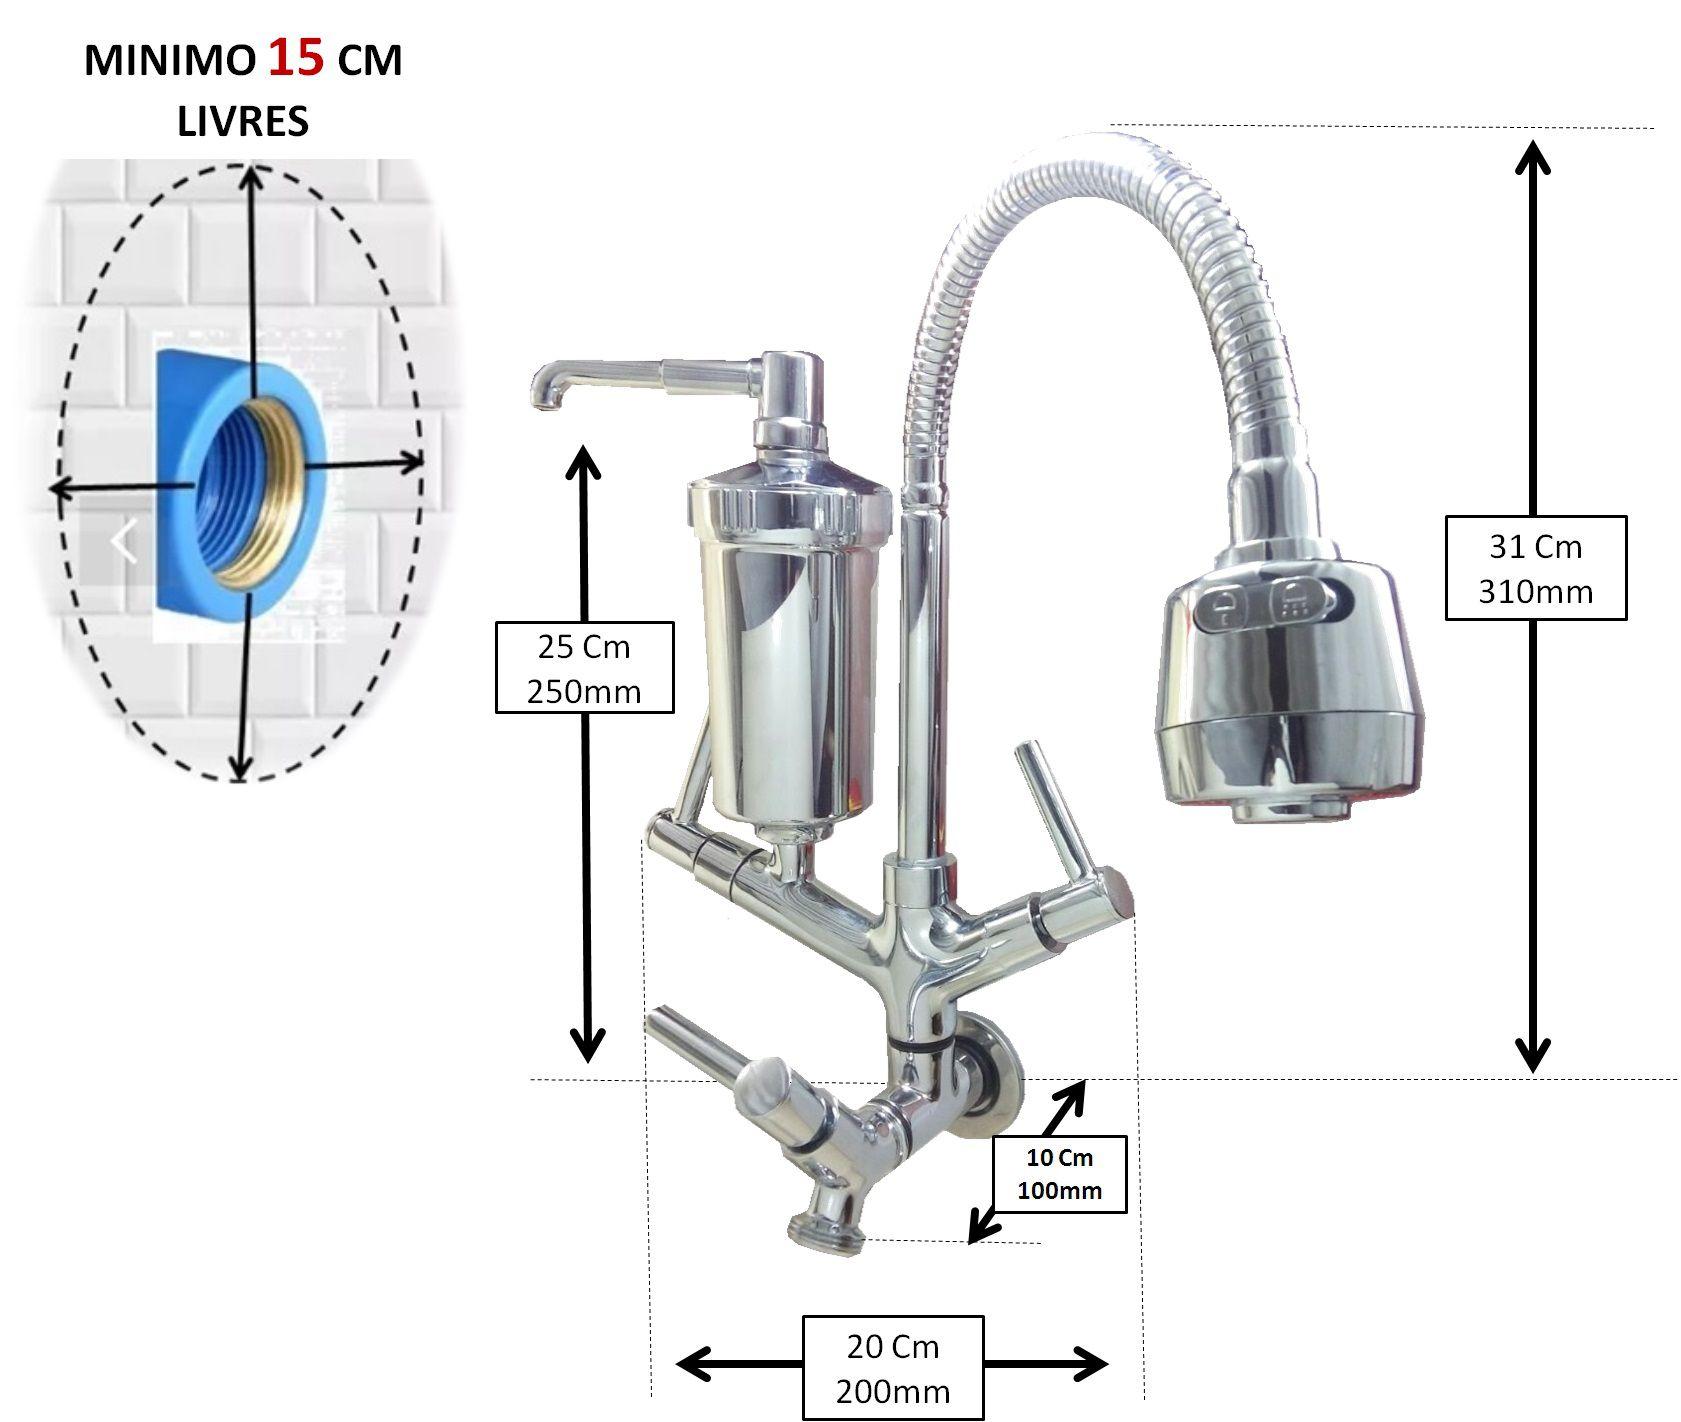 Torneira Luxo Saída Maquina C/ Filtro Parede Cozinha Anúncio com variação